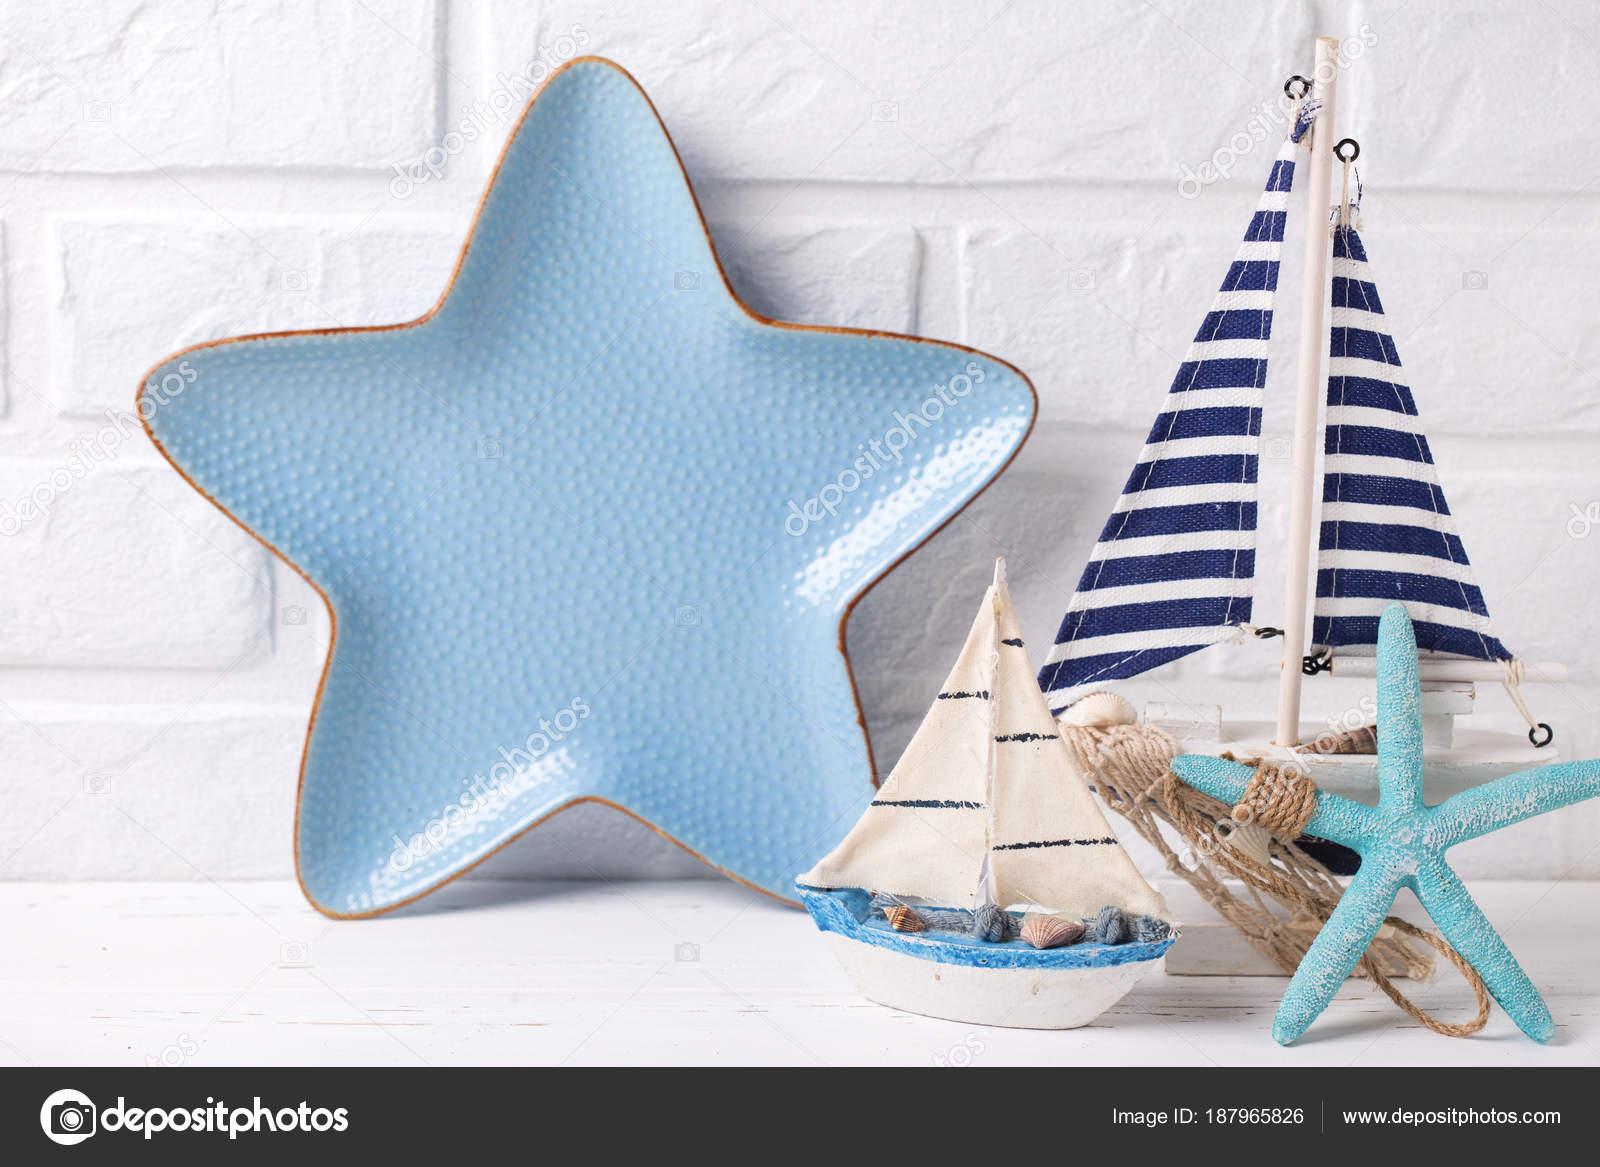 Ozean Lebenden Dekorationen Dekorative Boote Seestern Und Platte ...